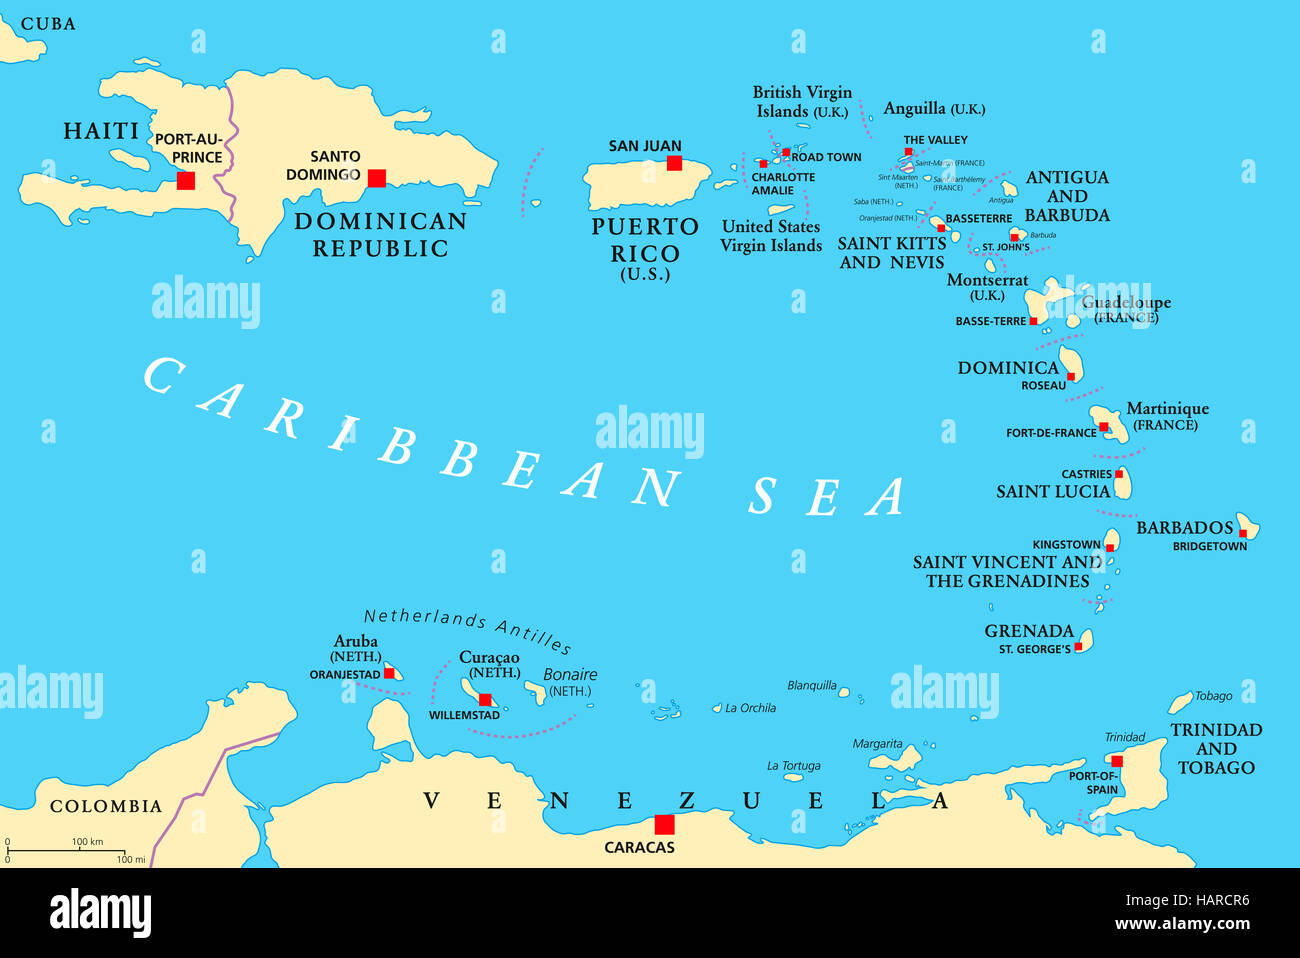 Aruba Karte Karibik.Politische Karte Der Kleinen Antillen Der Cariben Mit Haiti Der